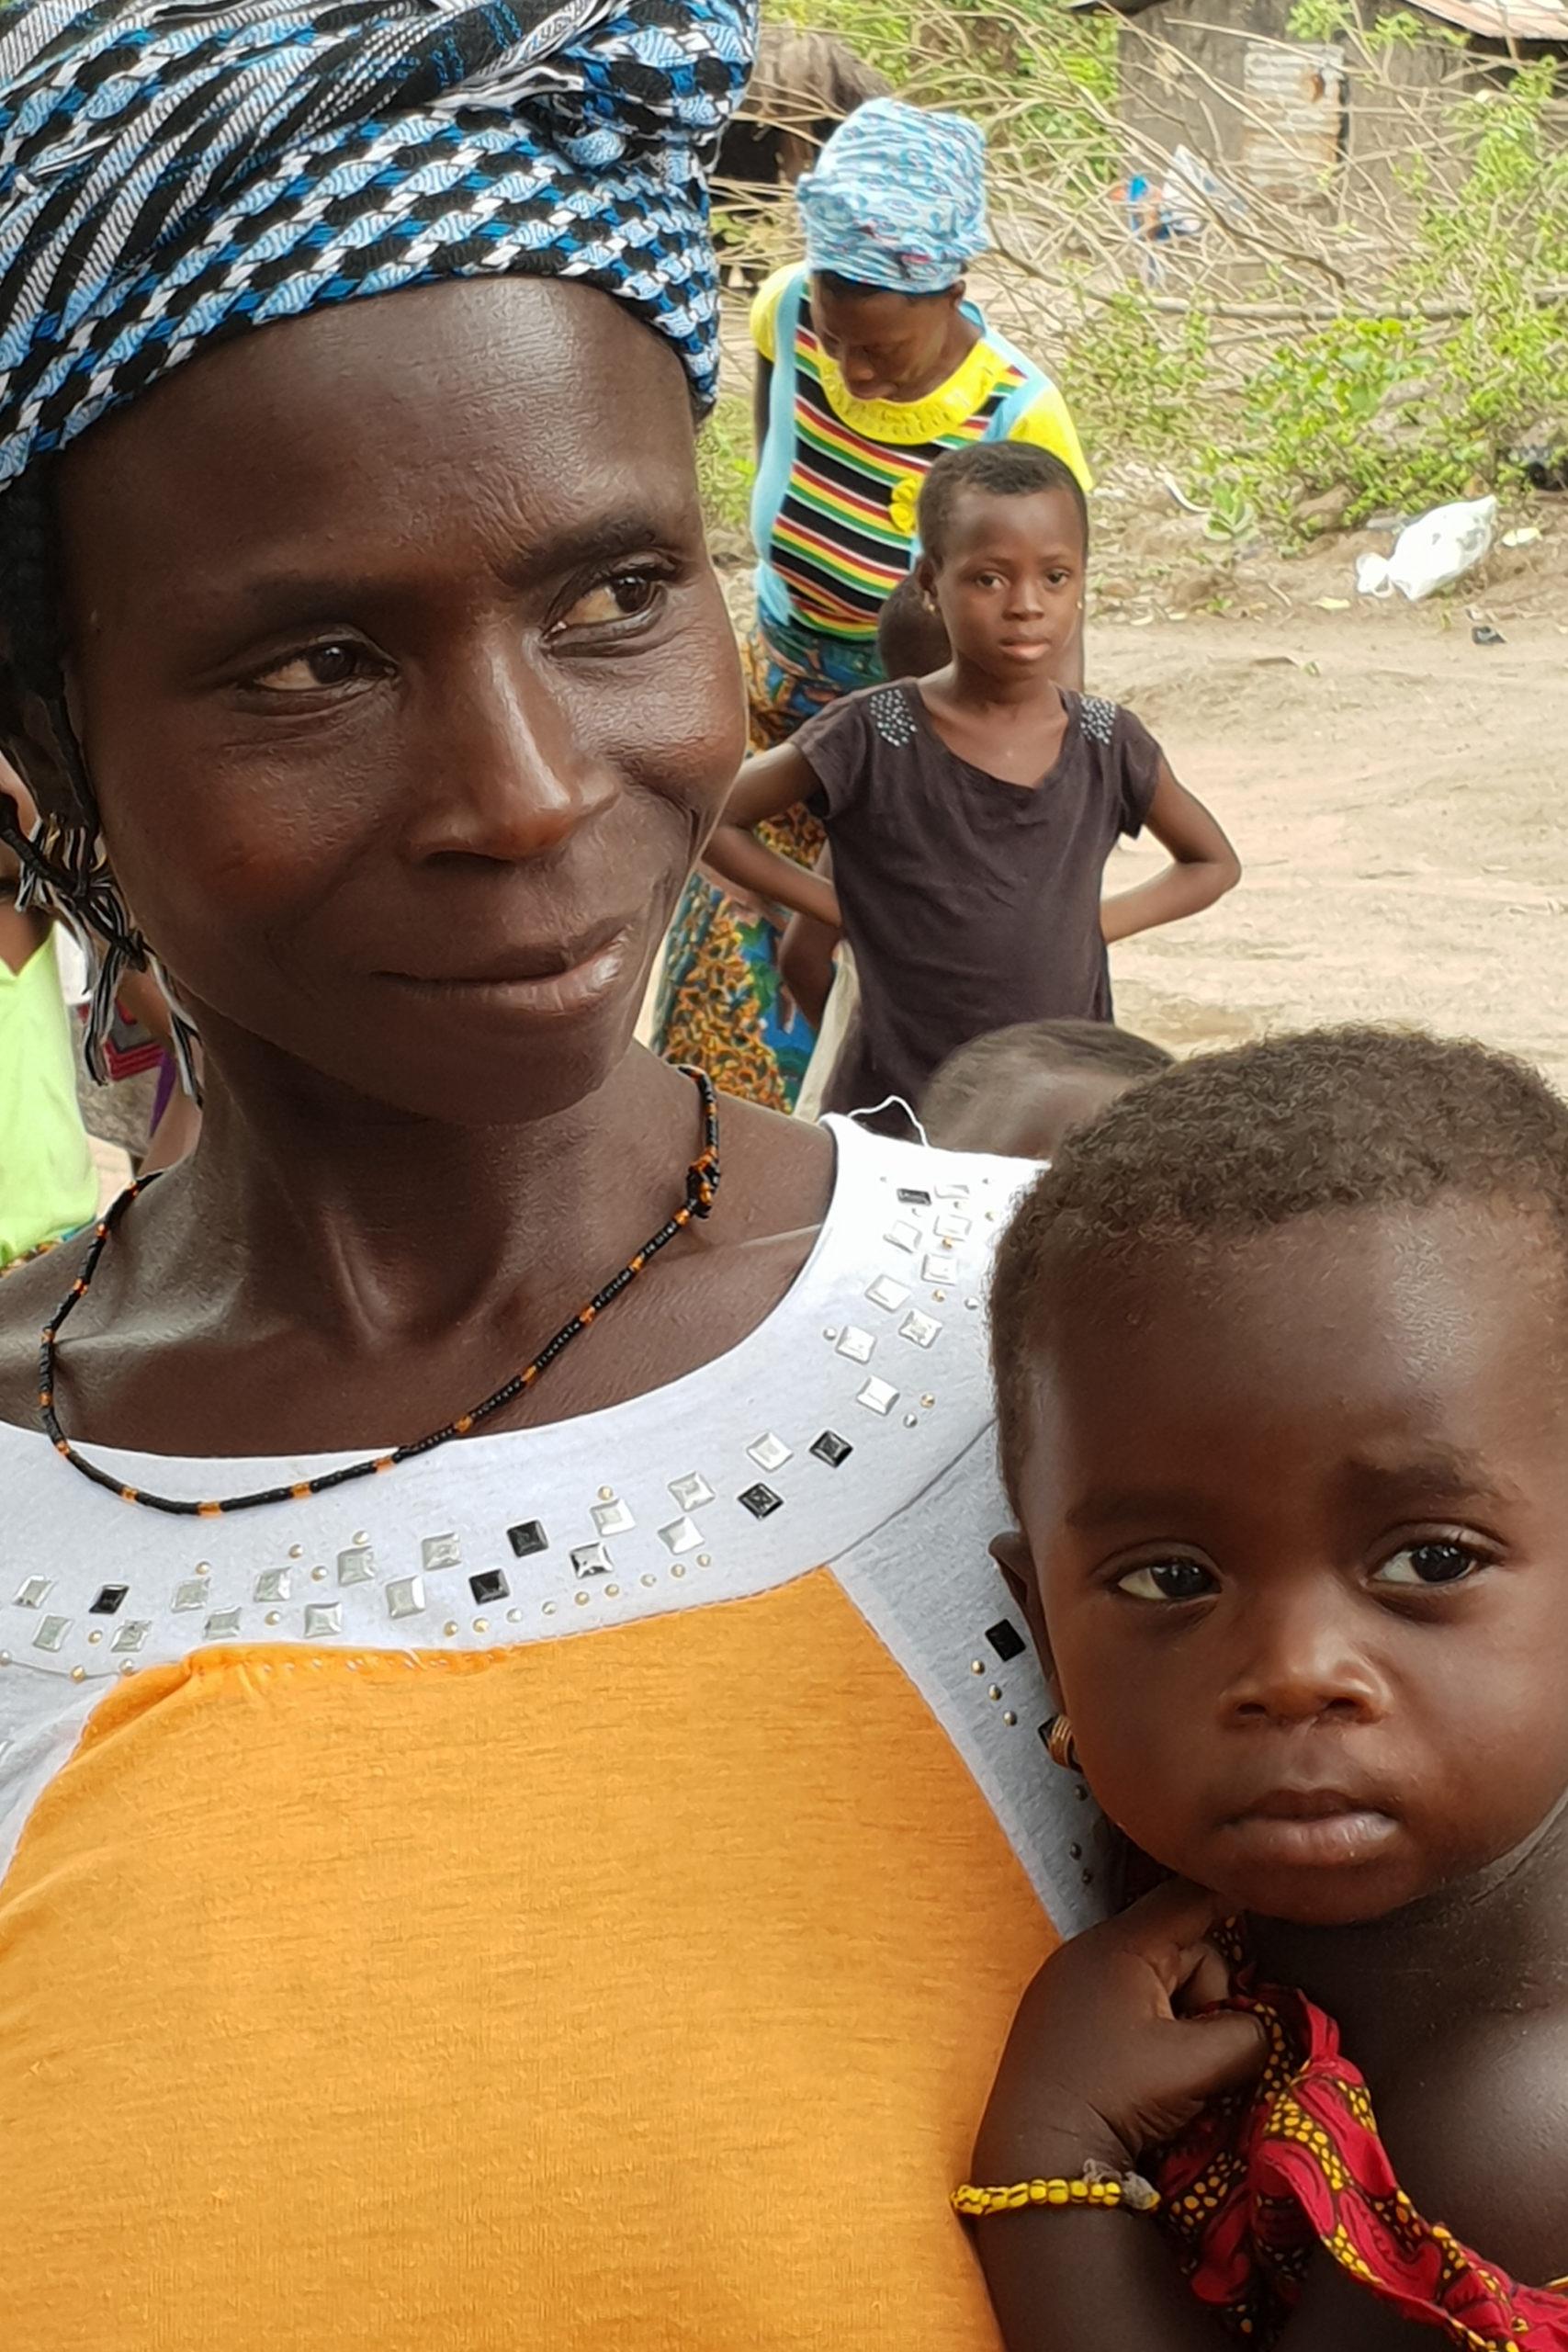 femme togolaise avec son enfant